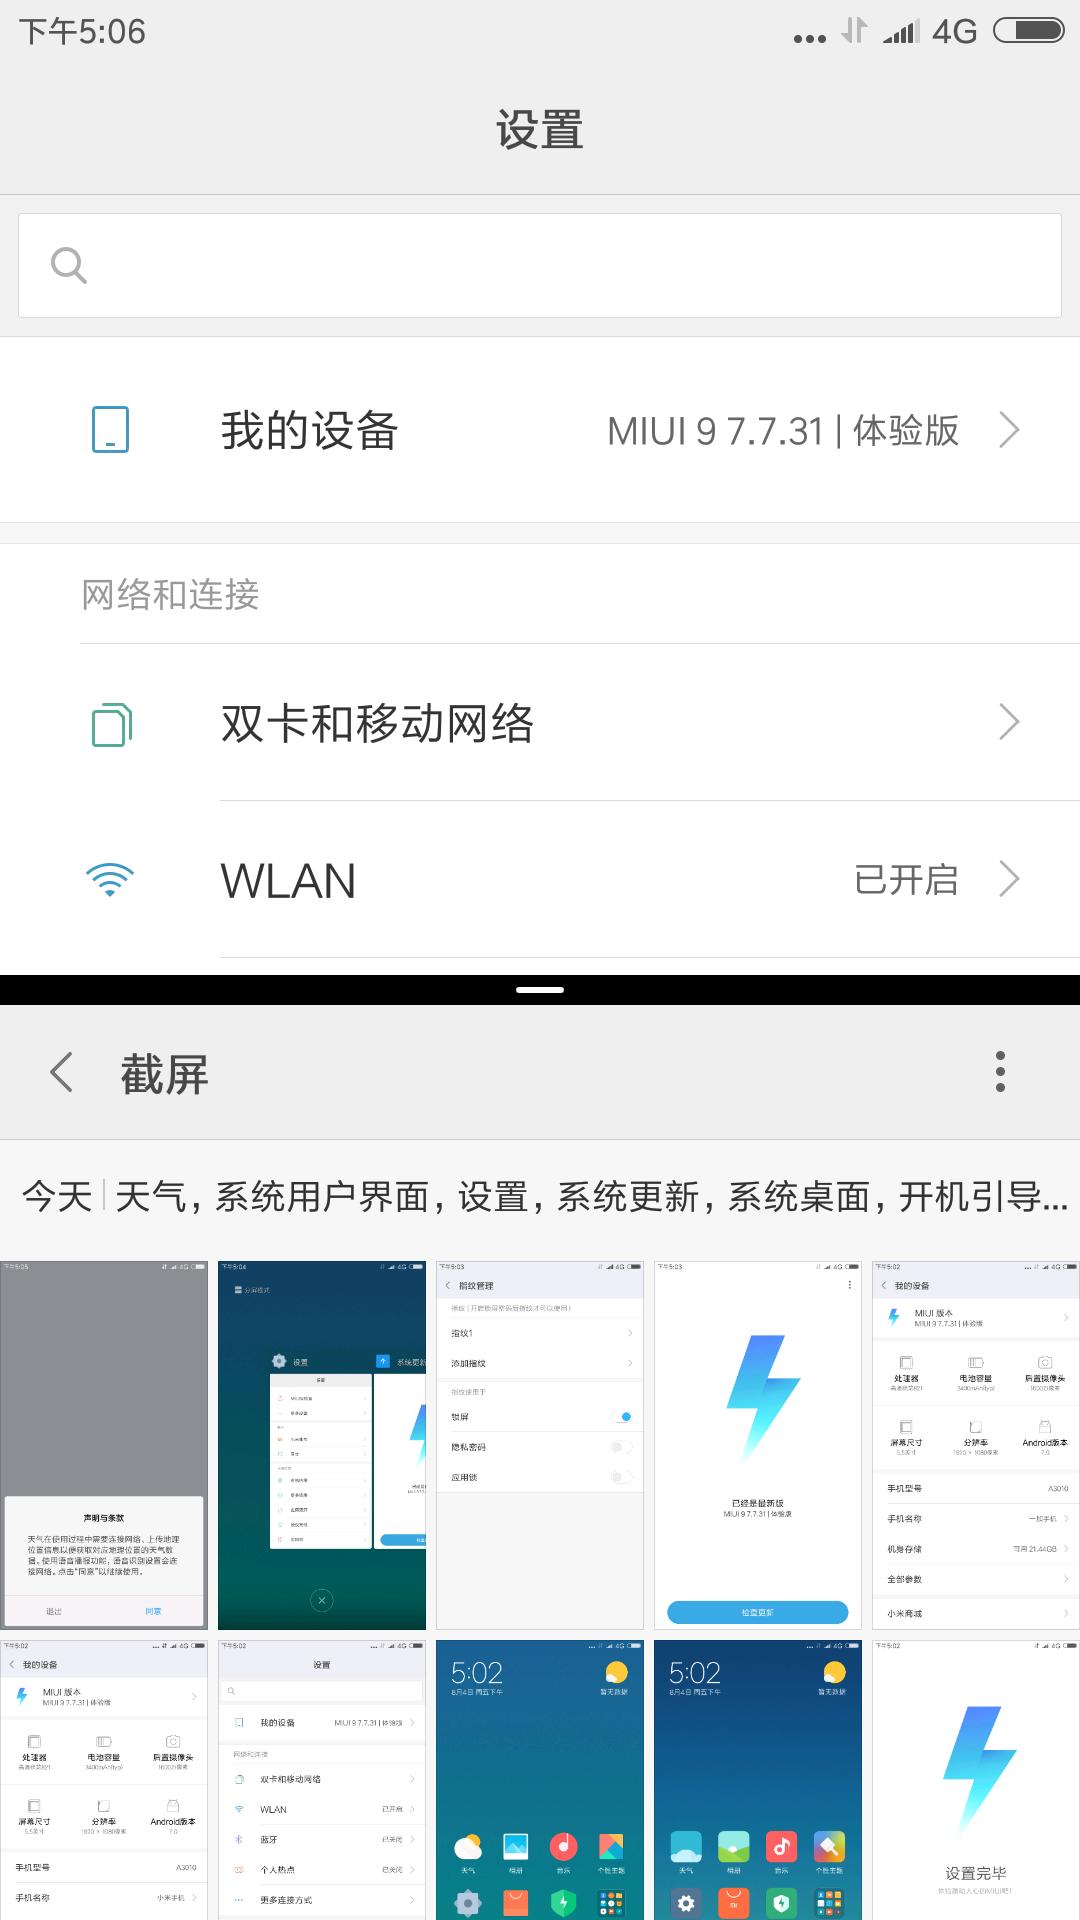 OnePlus 3T - MIUI 9